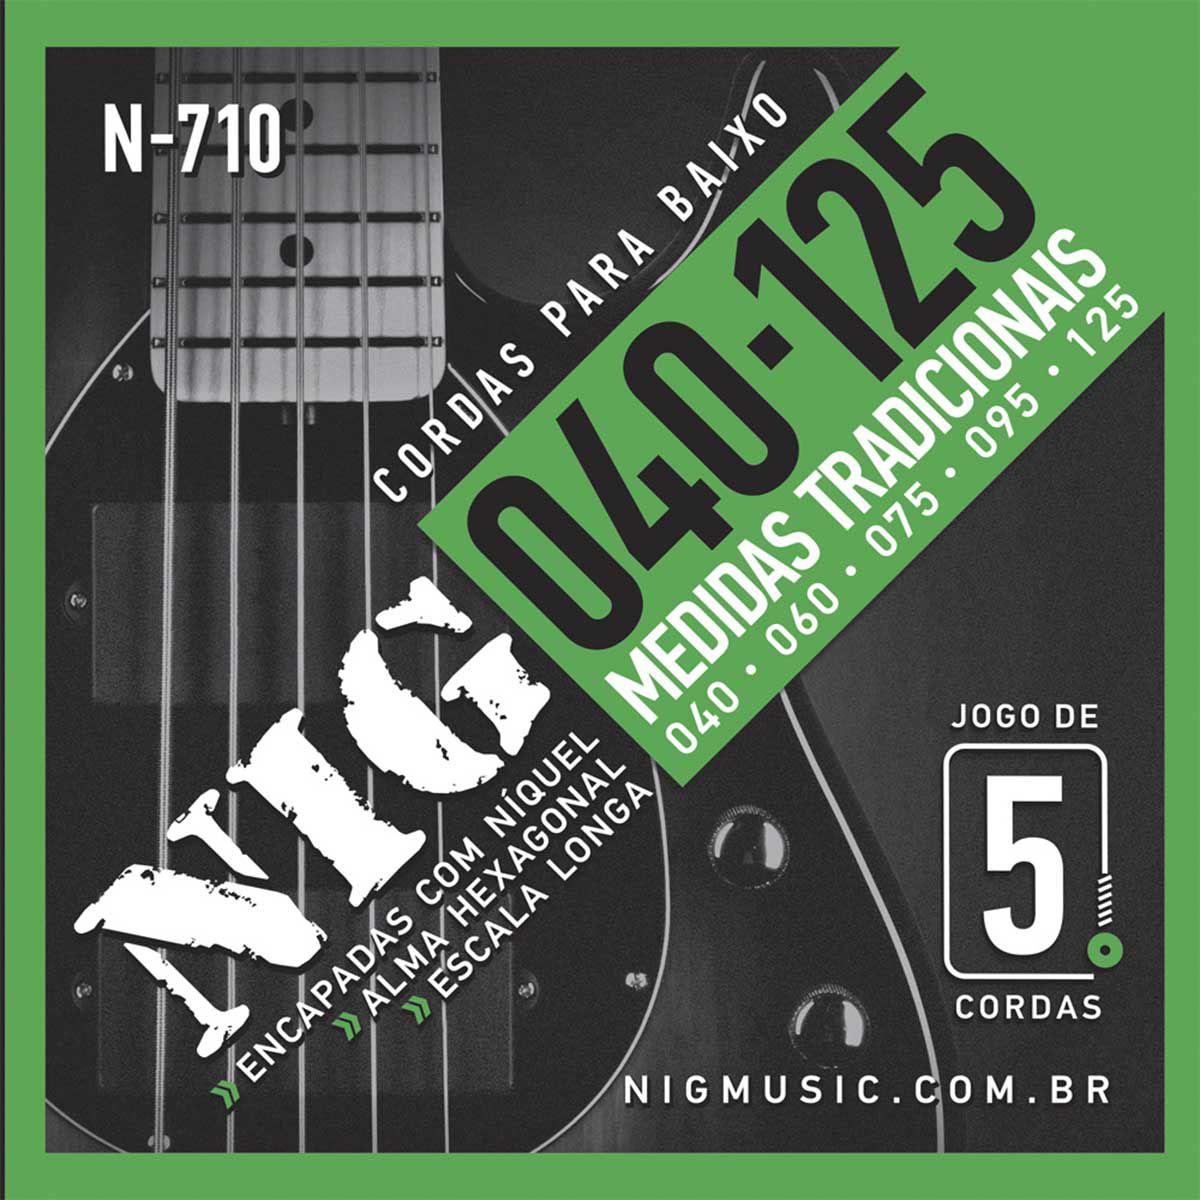 Encordoamento Nig N-710 040/125 para Contrabaixo 5C